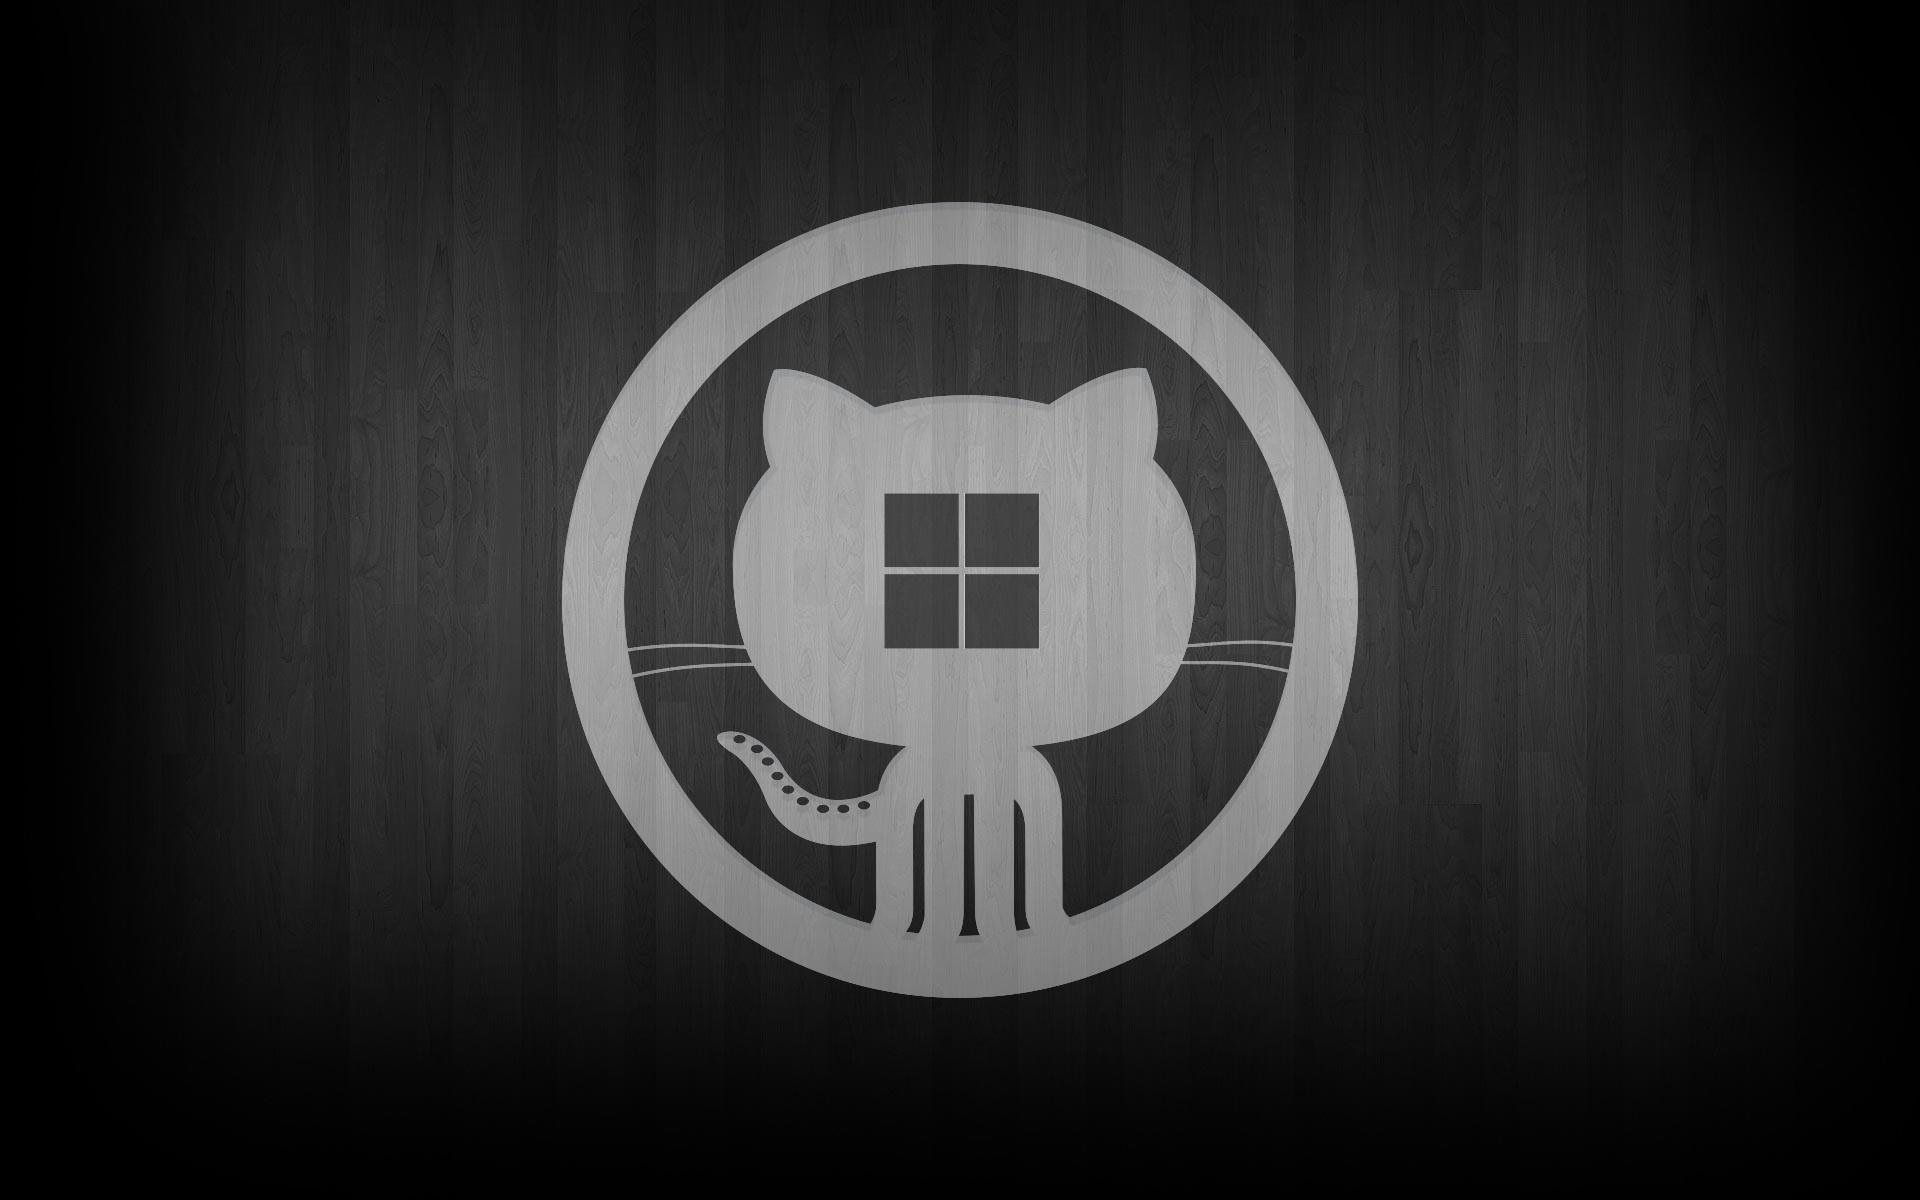 Confirmado! A Microsoft comprou o GitHub por US $ 7,5 bilhões